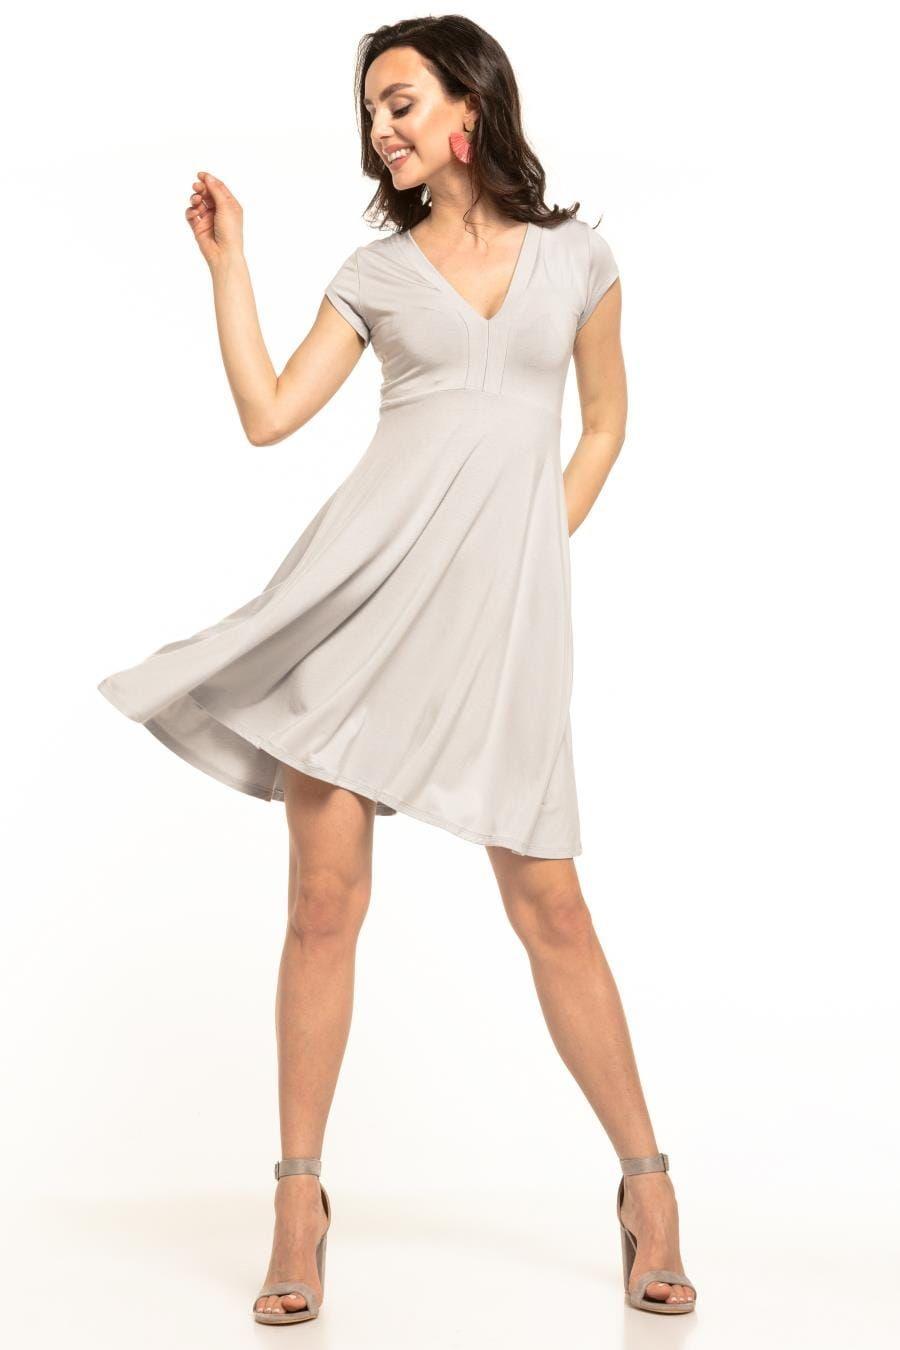 Zwiewna Rozkloszowana Sukienka Jasnoszara Te312 Dresses For Work White Dress Fashion